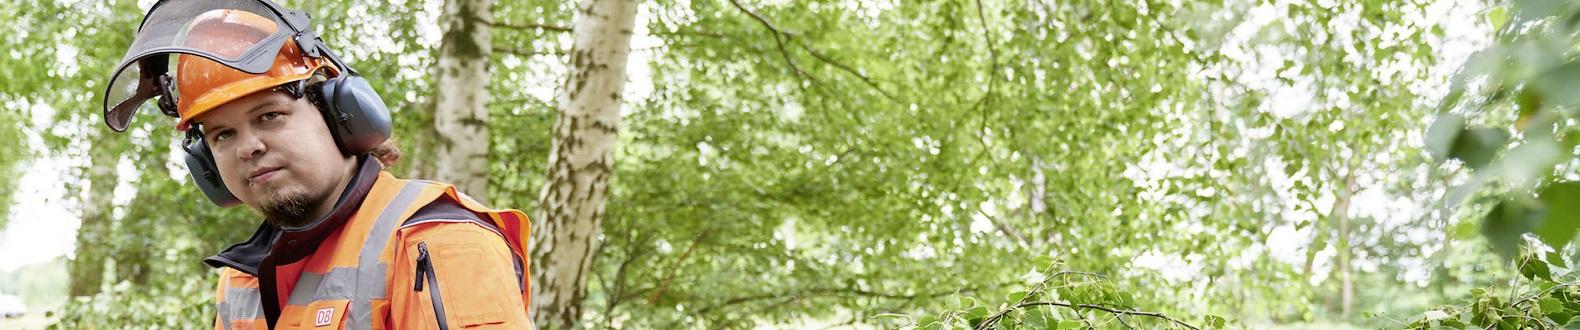 W123_NAB_Vegetationspfleger_Fahrwegdienste_m_1580x330-data